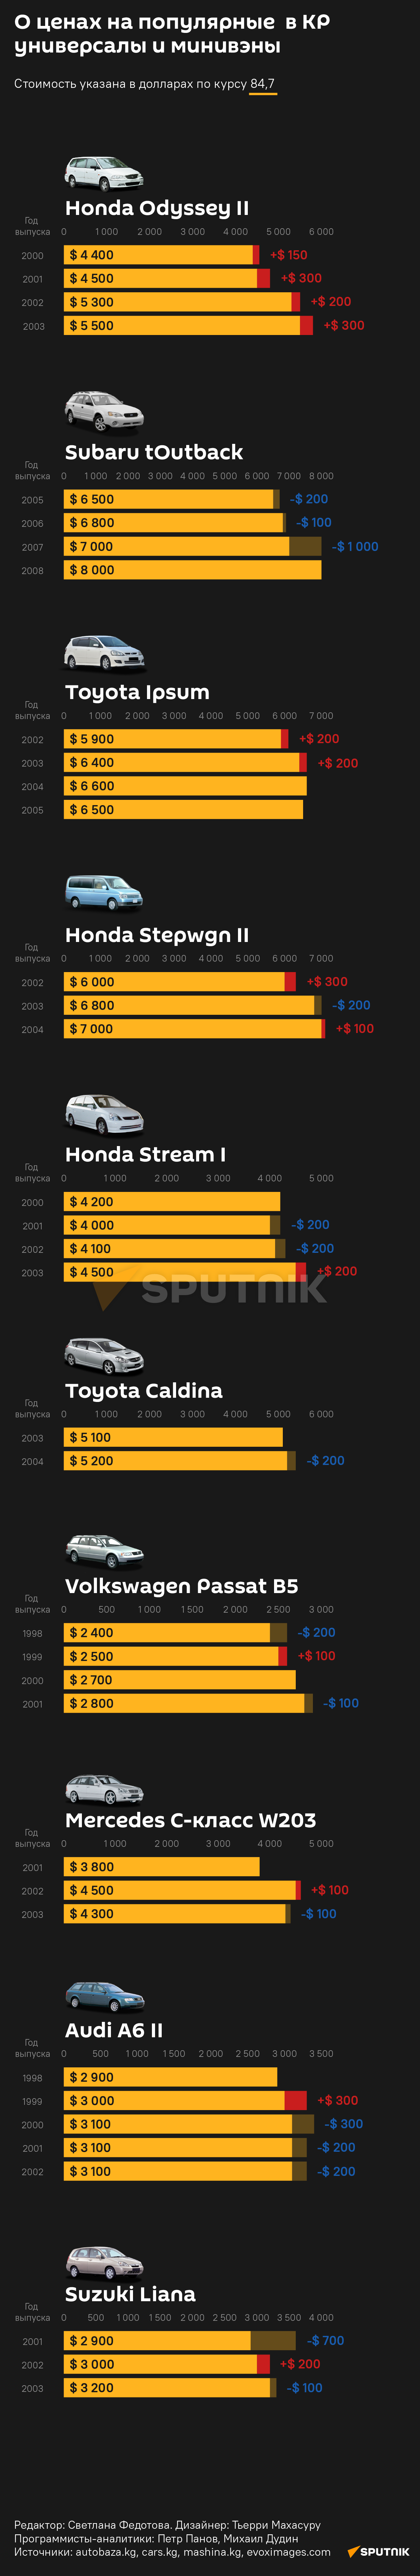 О ценах на популярные  в КР универсалы и минивэны 02.07